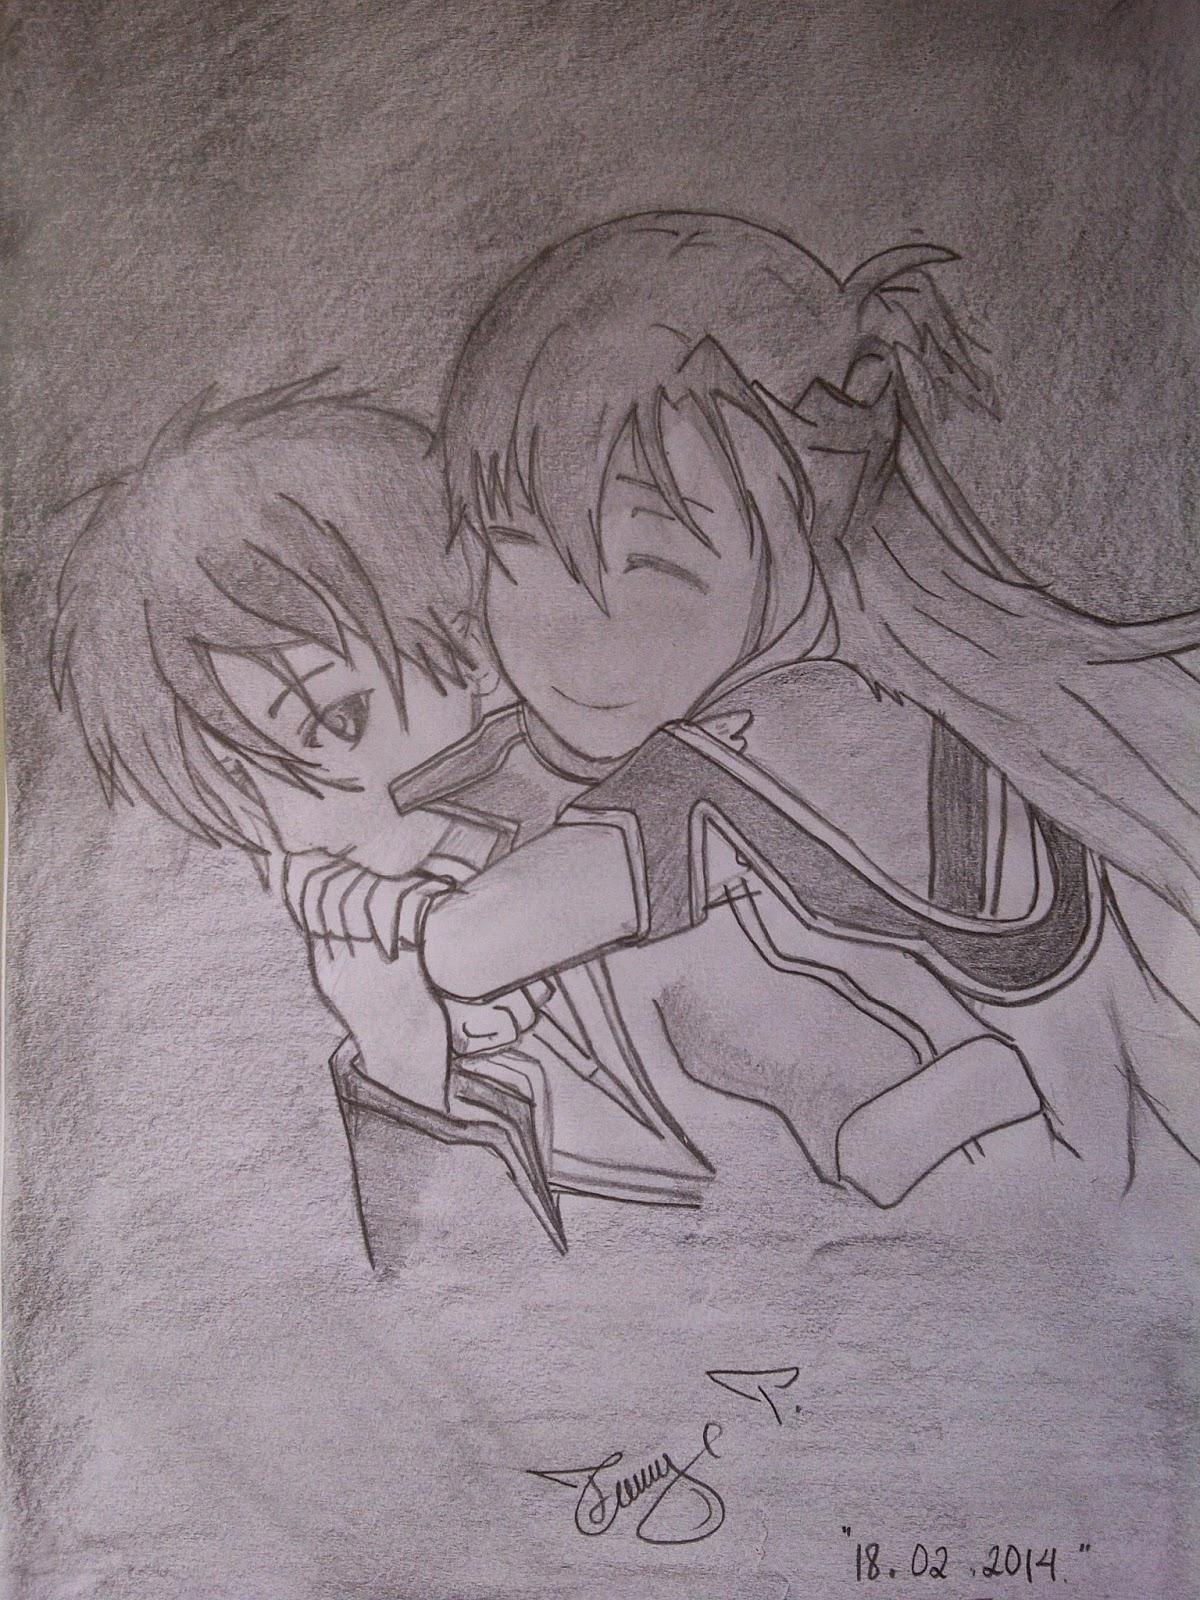 Itu lah sedikit gambar lukisan pensil anime dari saya